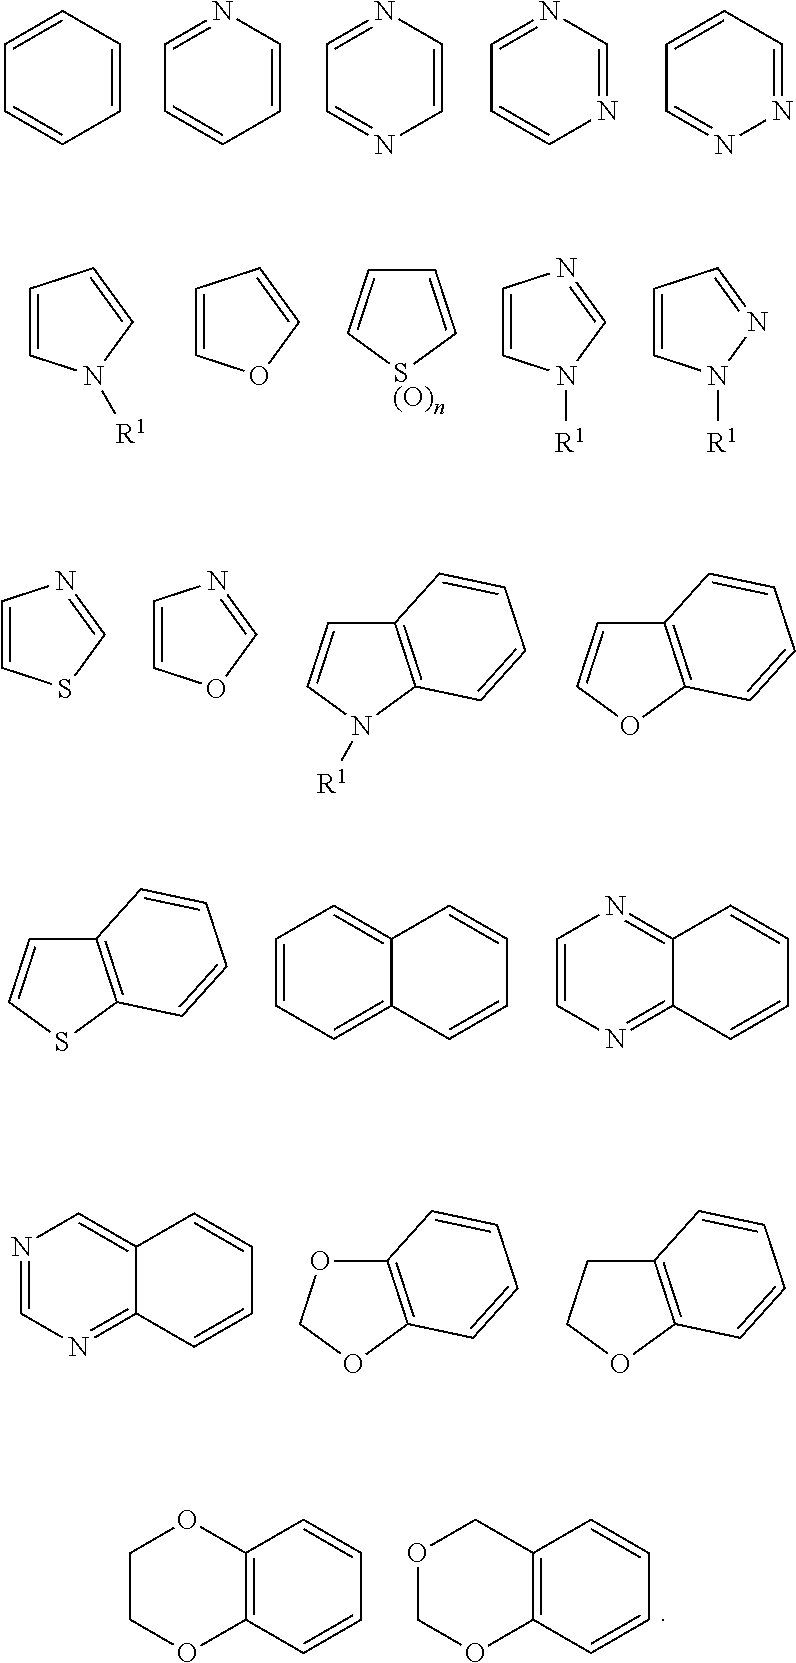 Figure US09475801-20161025-C00014